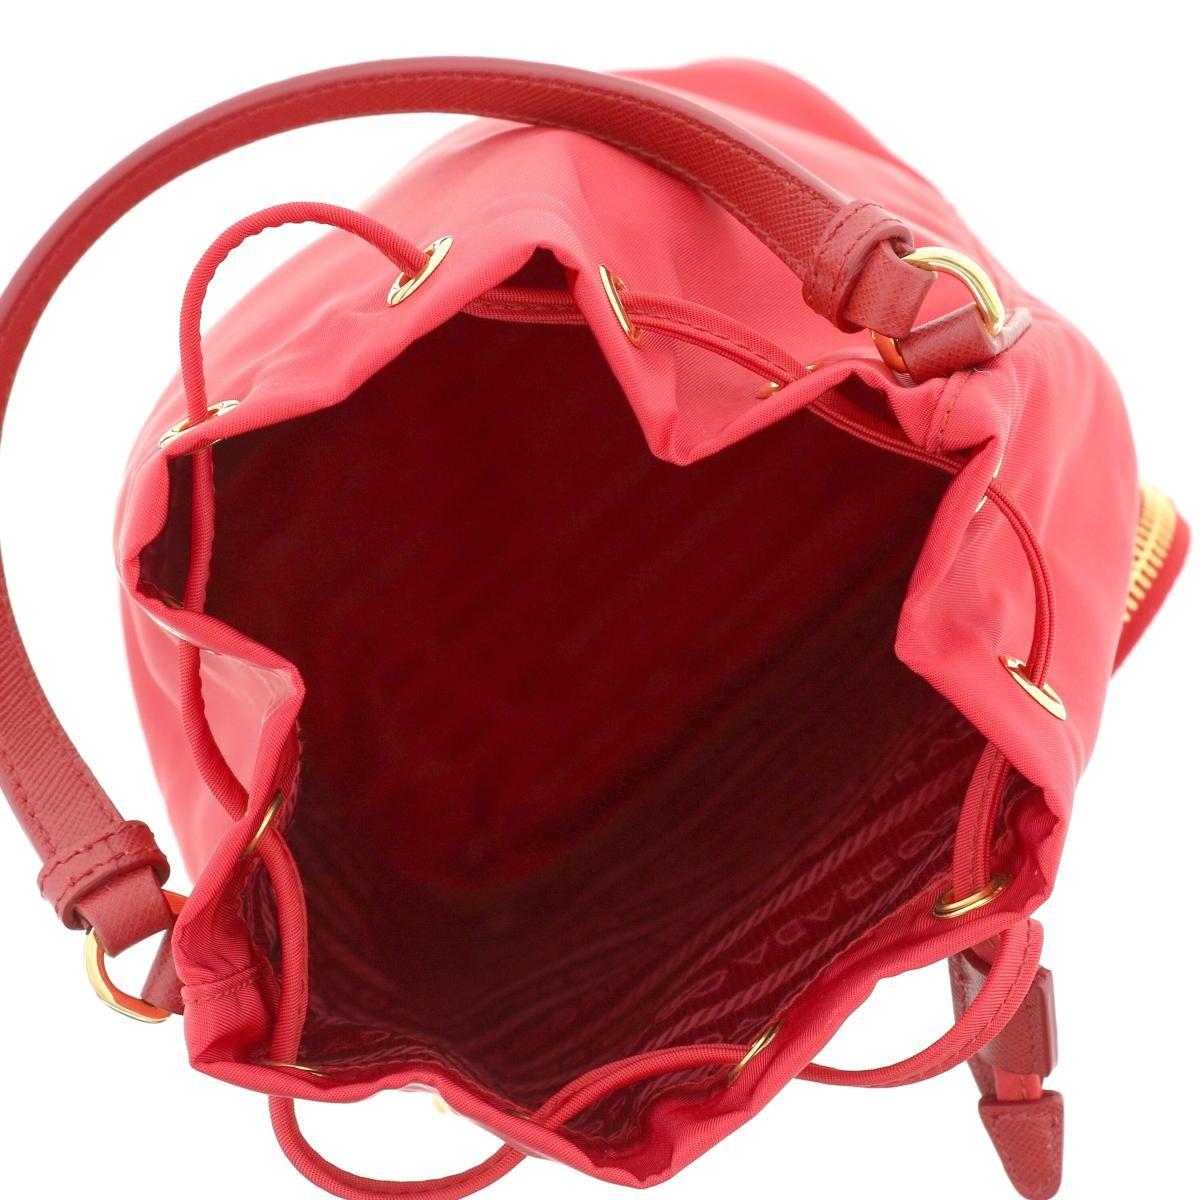 【中古】PRADA プラダ 巾着 ショルダーバッグ バッグ ショルダー/メッセンジャーバッグ  Red/レッド ナイロン 1N1864 used:A